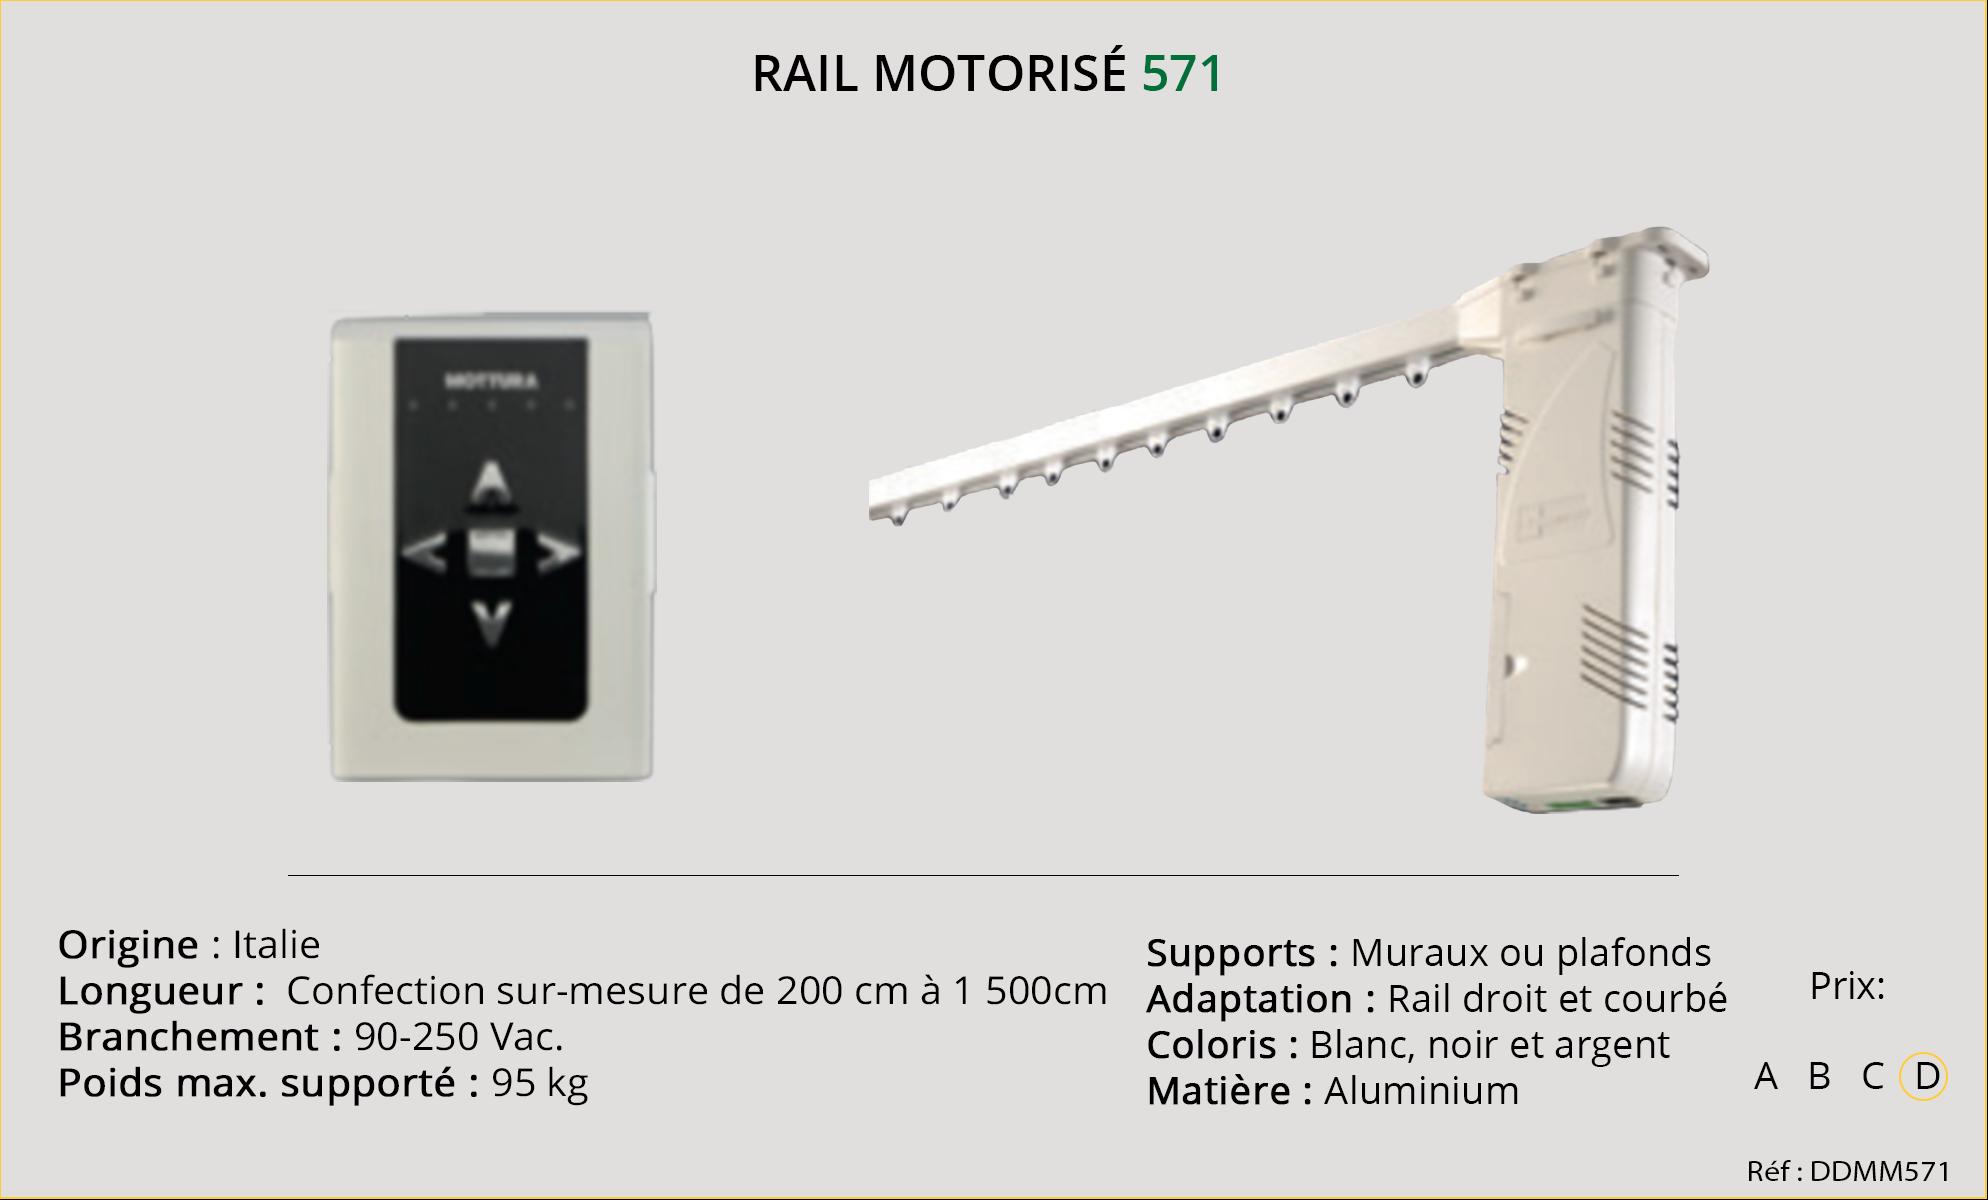 Rail motorisé Mottura - 571